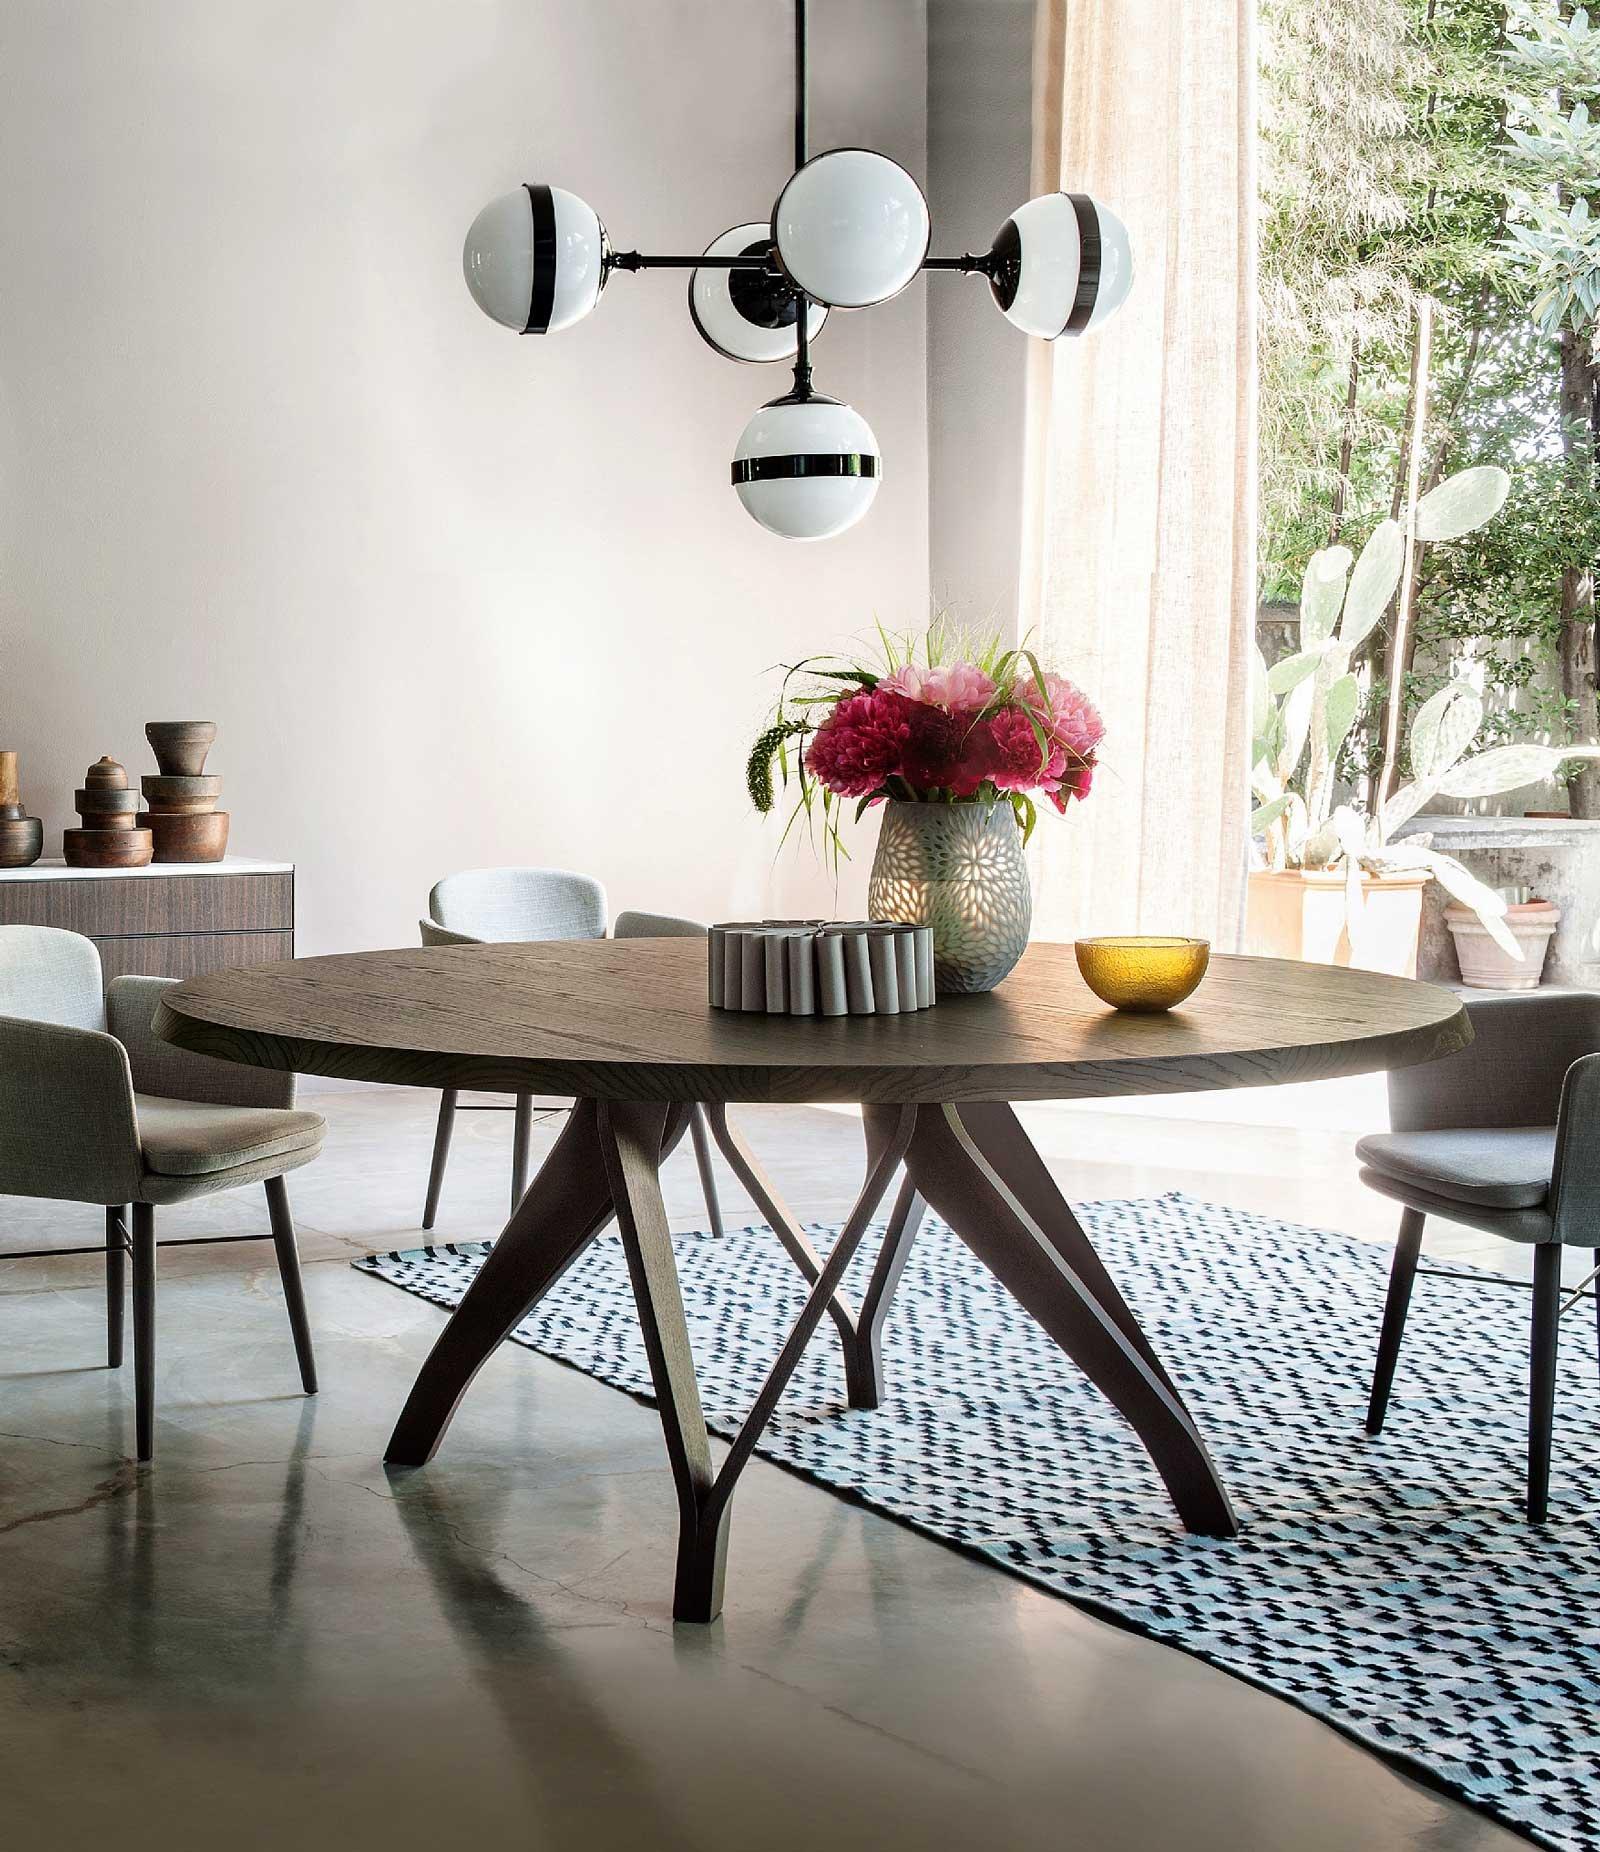 Lampade Sopra Tavolo Da Pranzo tavoli, sedie, lampade: come abbinarli - cose di casa